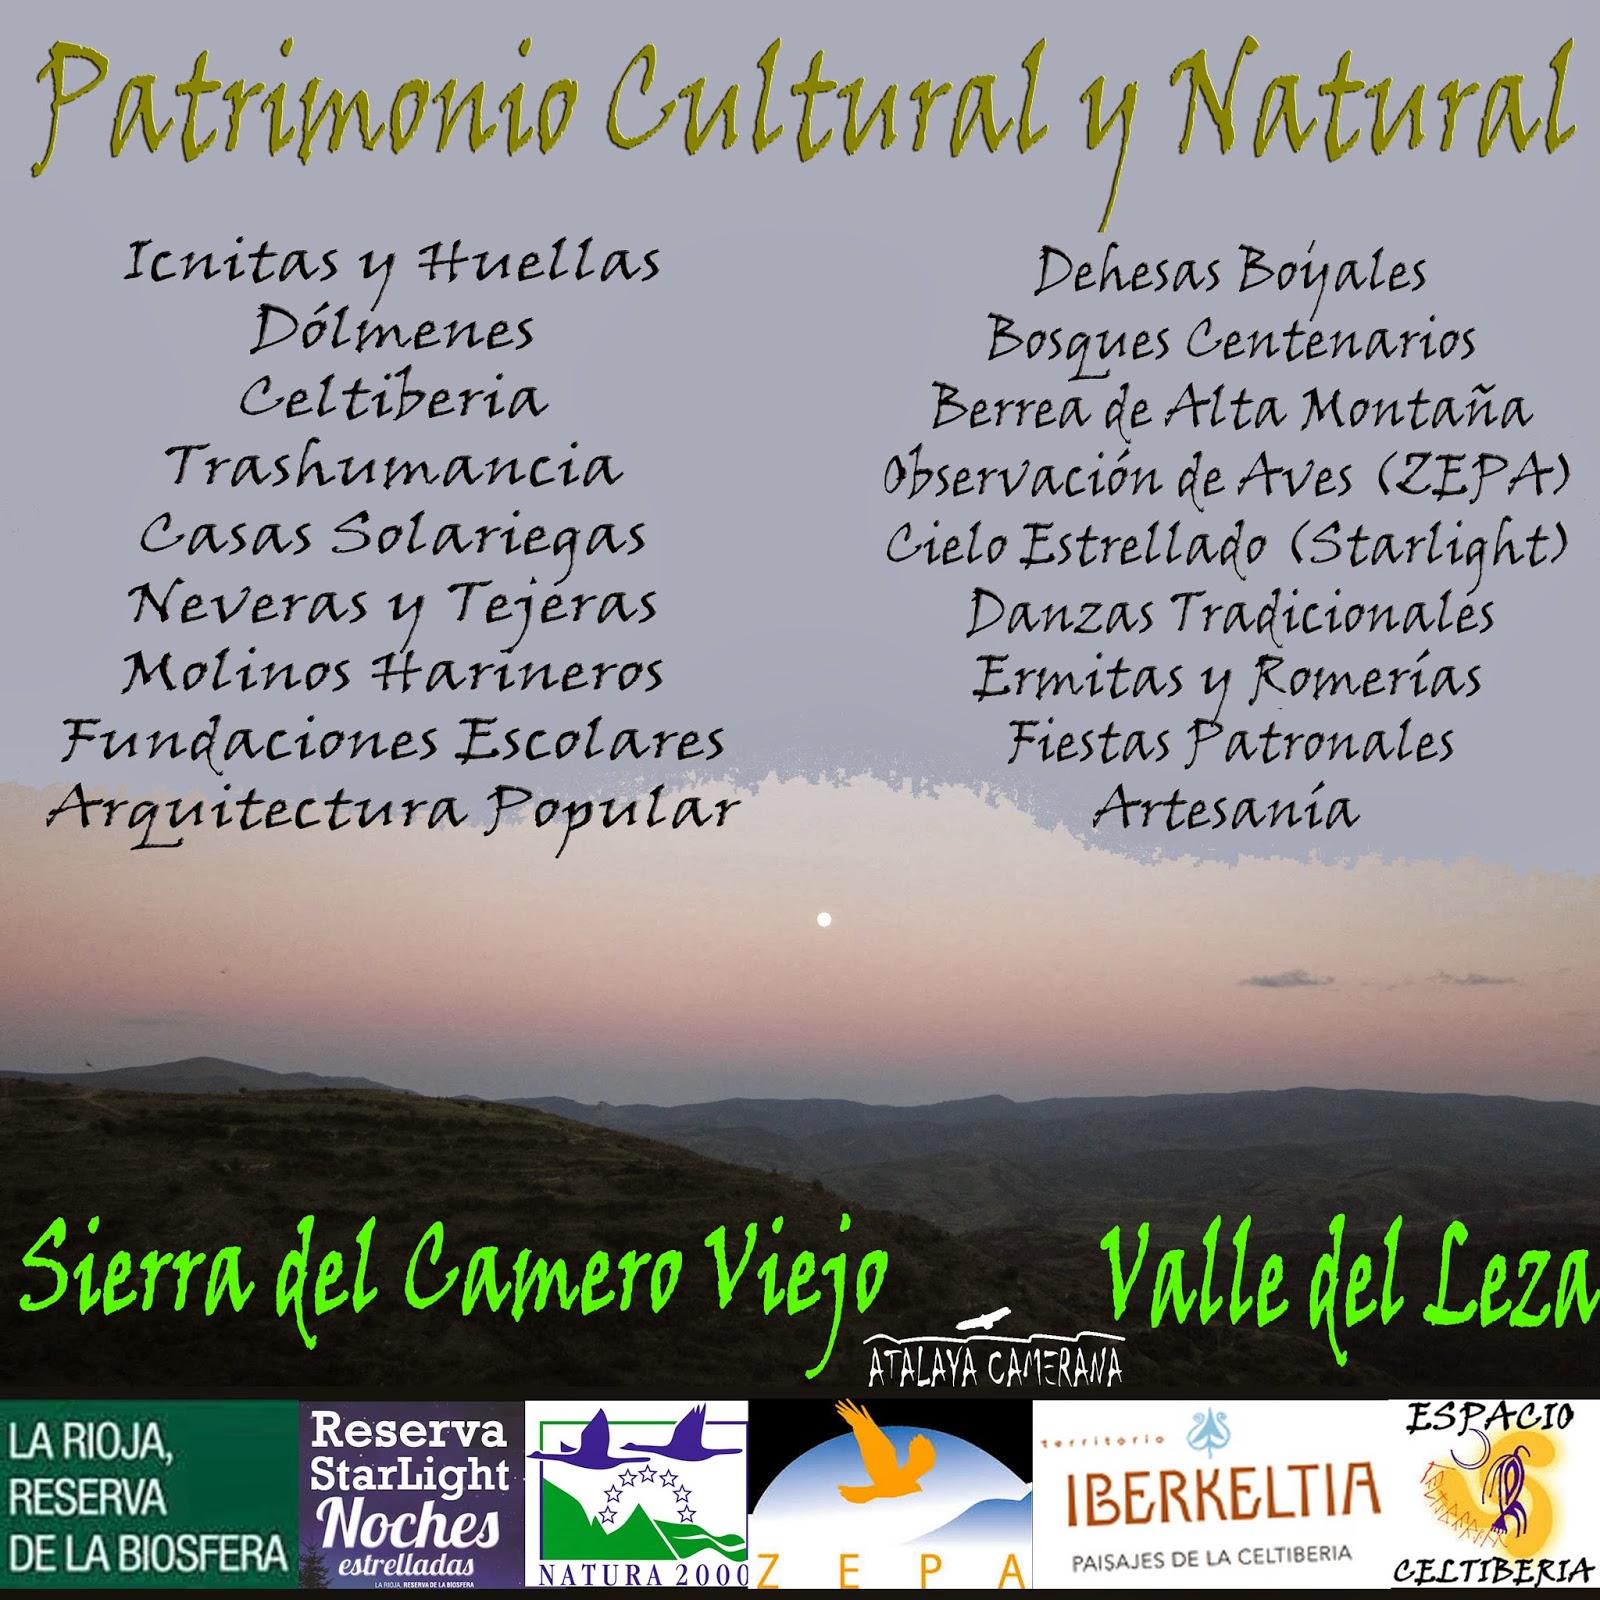 Sierra del Camero Viejo - Valle del Leza: Patrimonio Cultural y Natural.